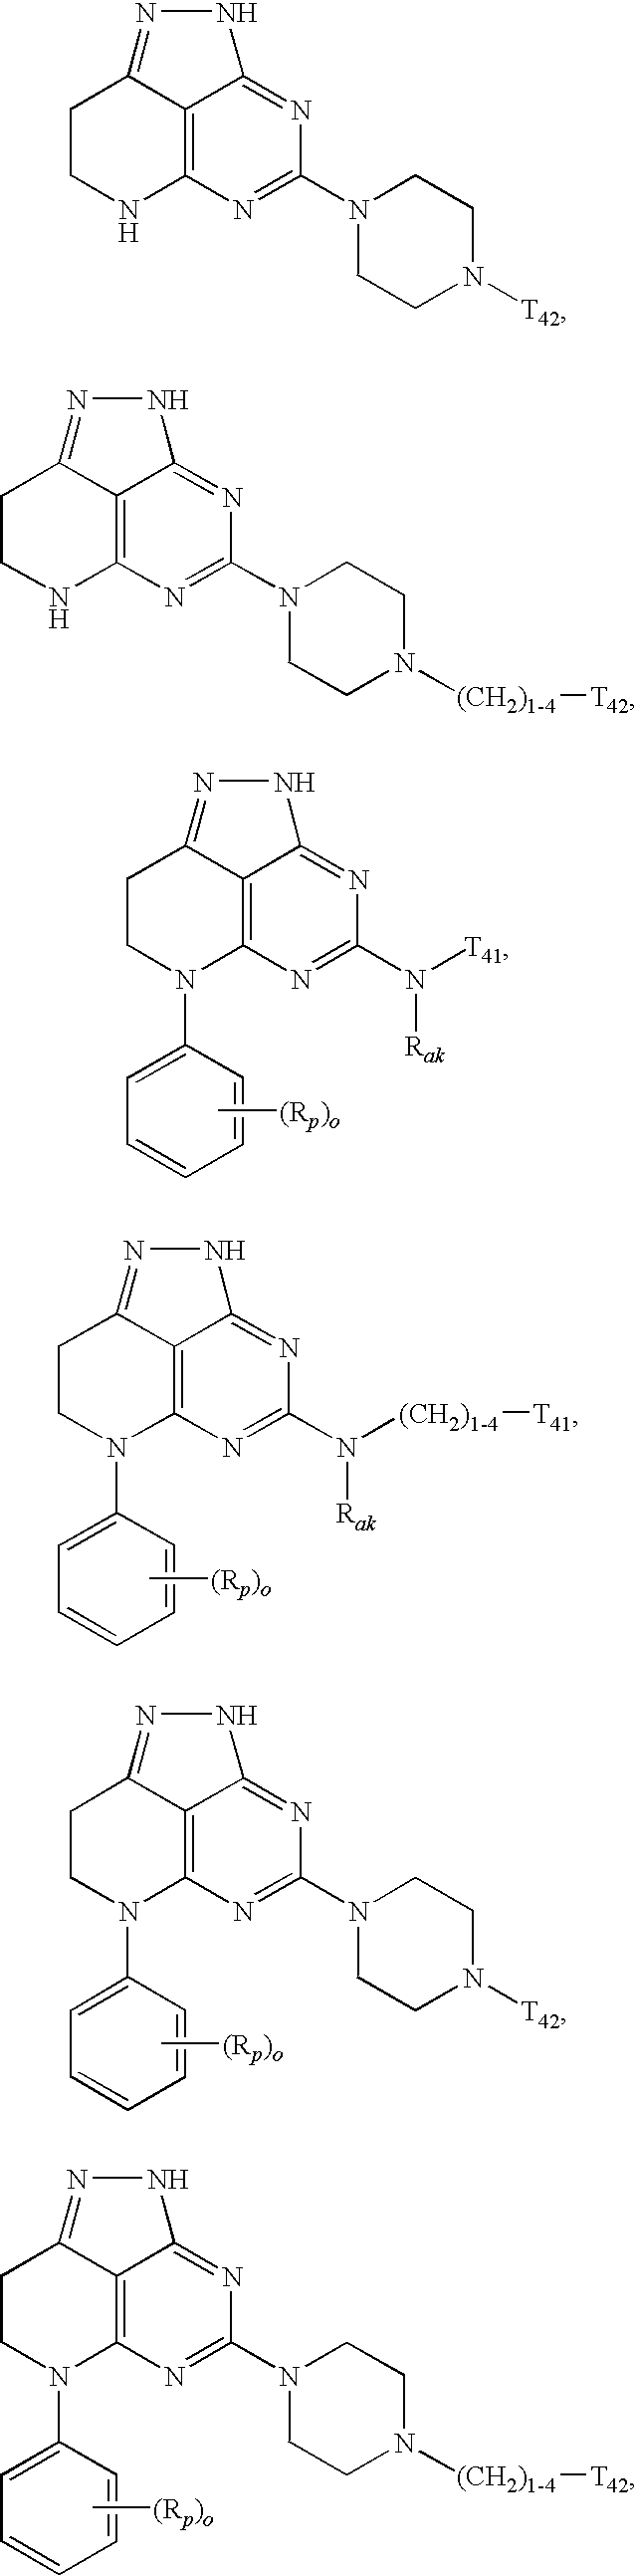 Figure US08343983-20130101-C00008